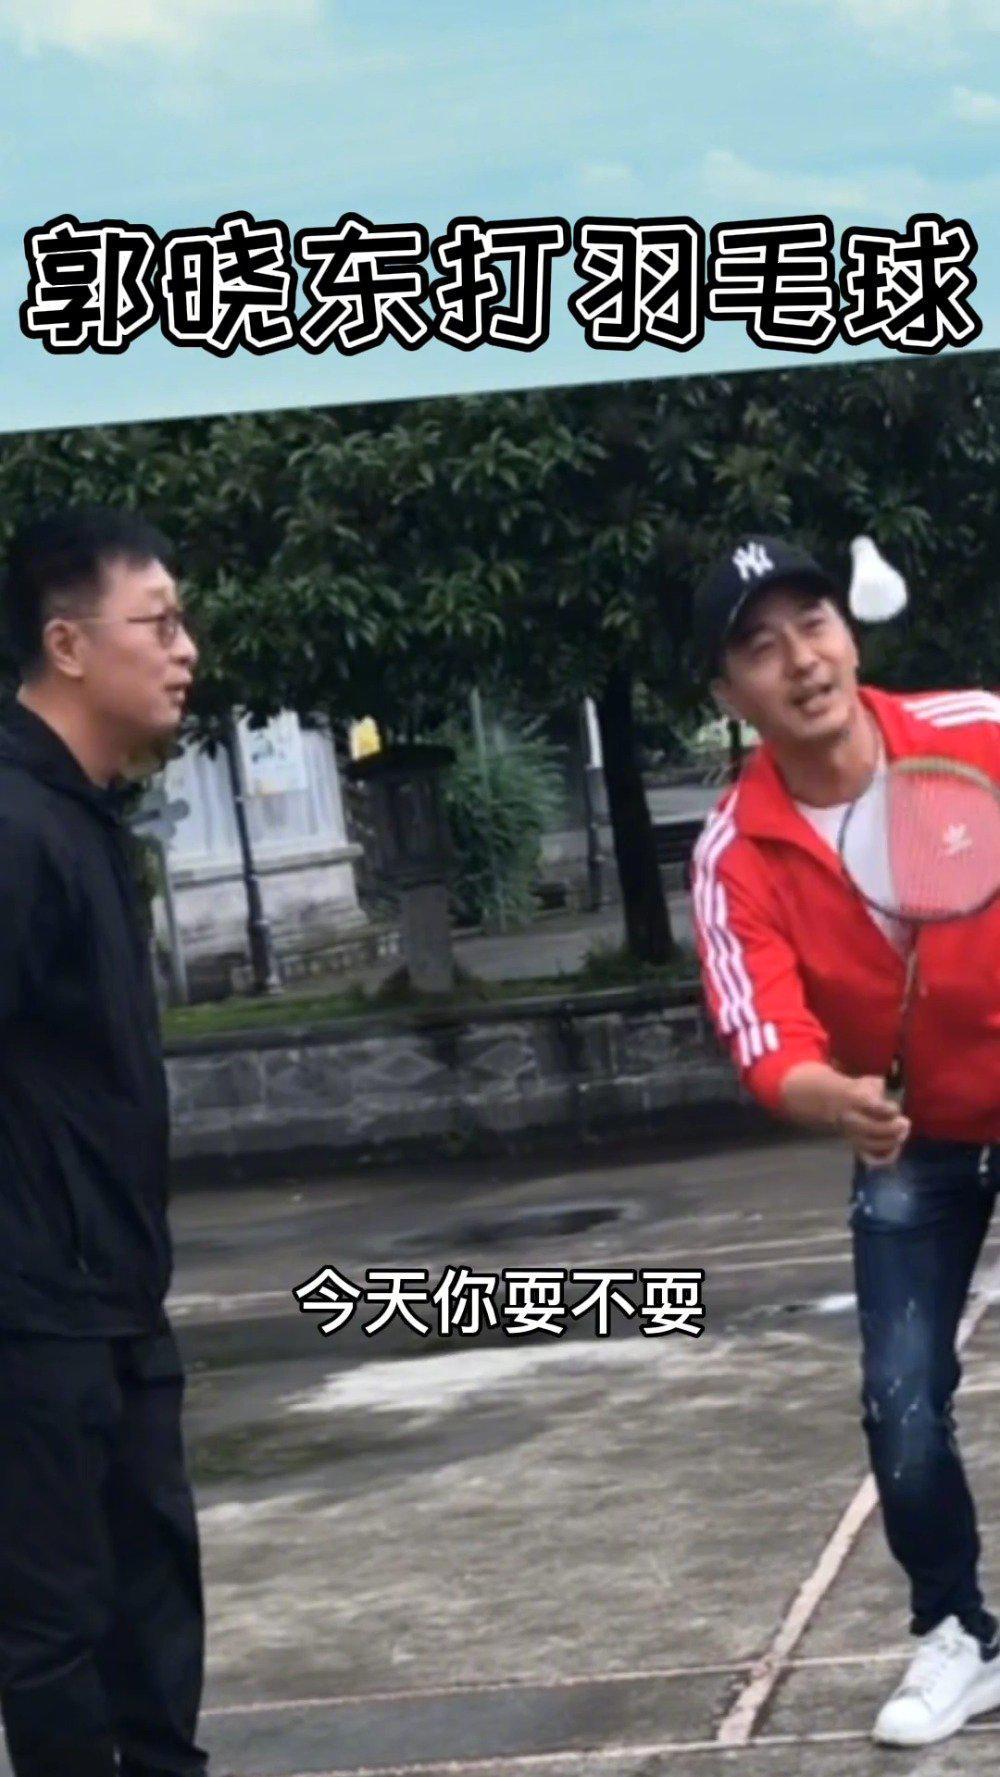 拍摄间隙,@演员郭晓东 和云南腾冲的朋友一起互动打羽毛球……